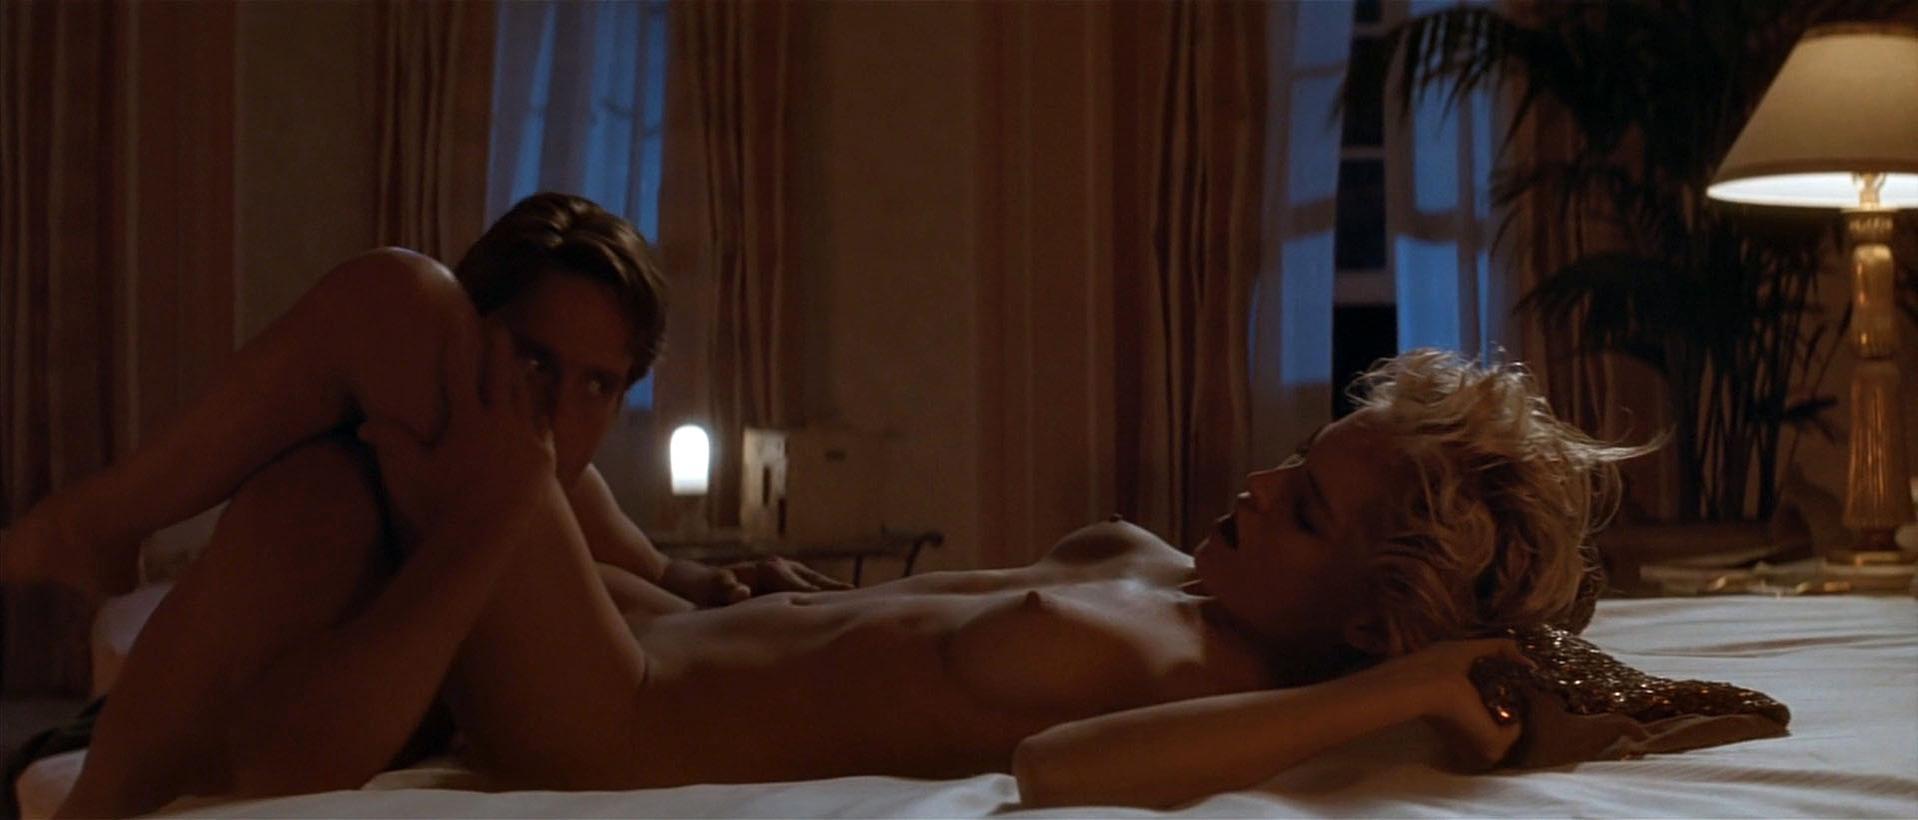 Sharon Stone Basic Instinct Sex Scenes Homemade Xxx Pics